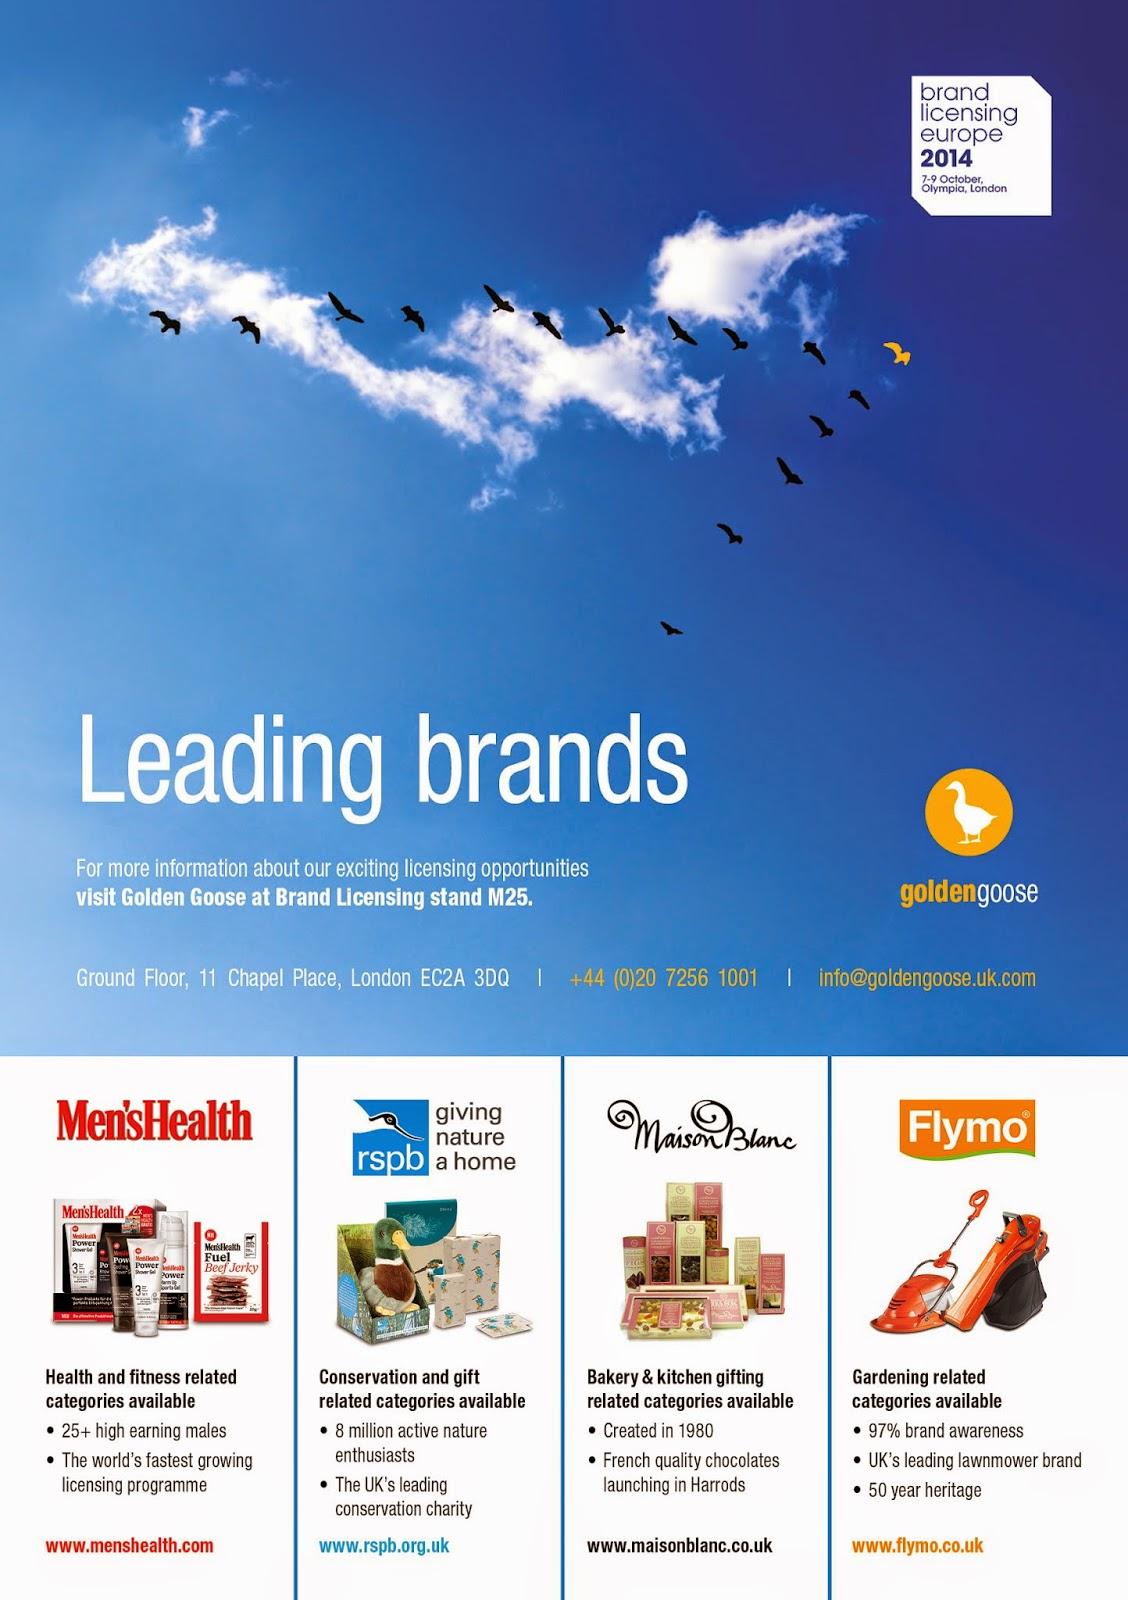 GG at Brand Licensing